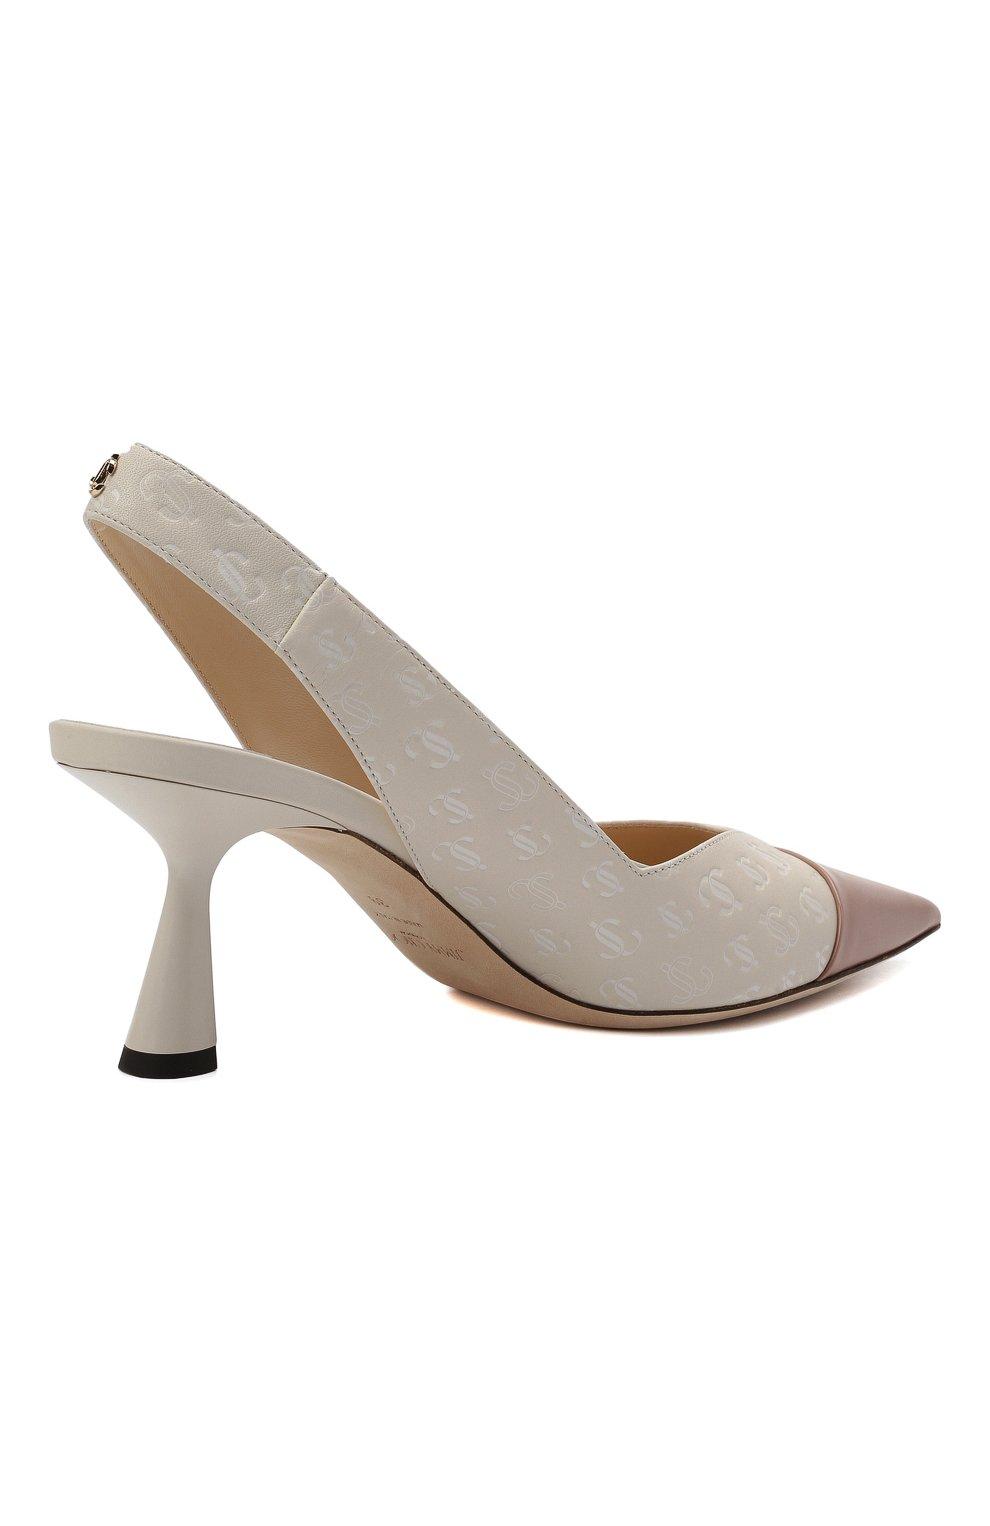 Женские кожаные туфли liya 65 JIMMY CHOO кремвого цвета, арт. LIYA 65/ZY0 | Фото 5 (Материал внутренний: Натуральная кожа; Каблук высота: Средний; Каблук тип: Шпилька; Подошва: Плоская)